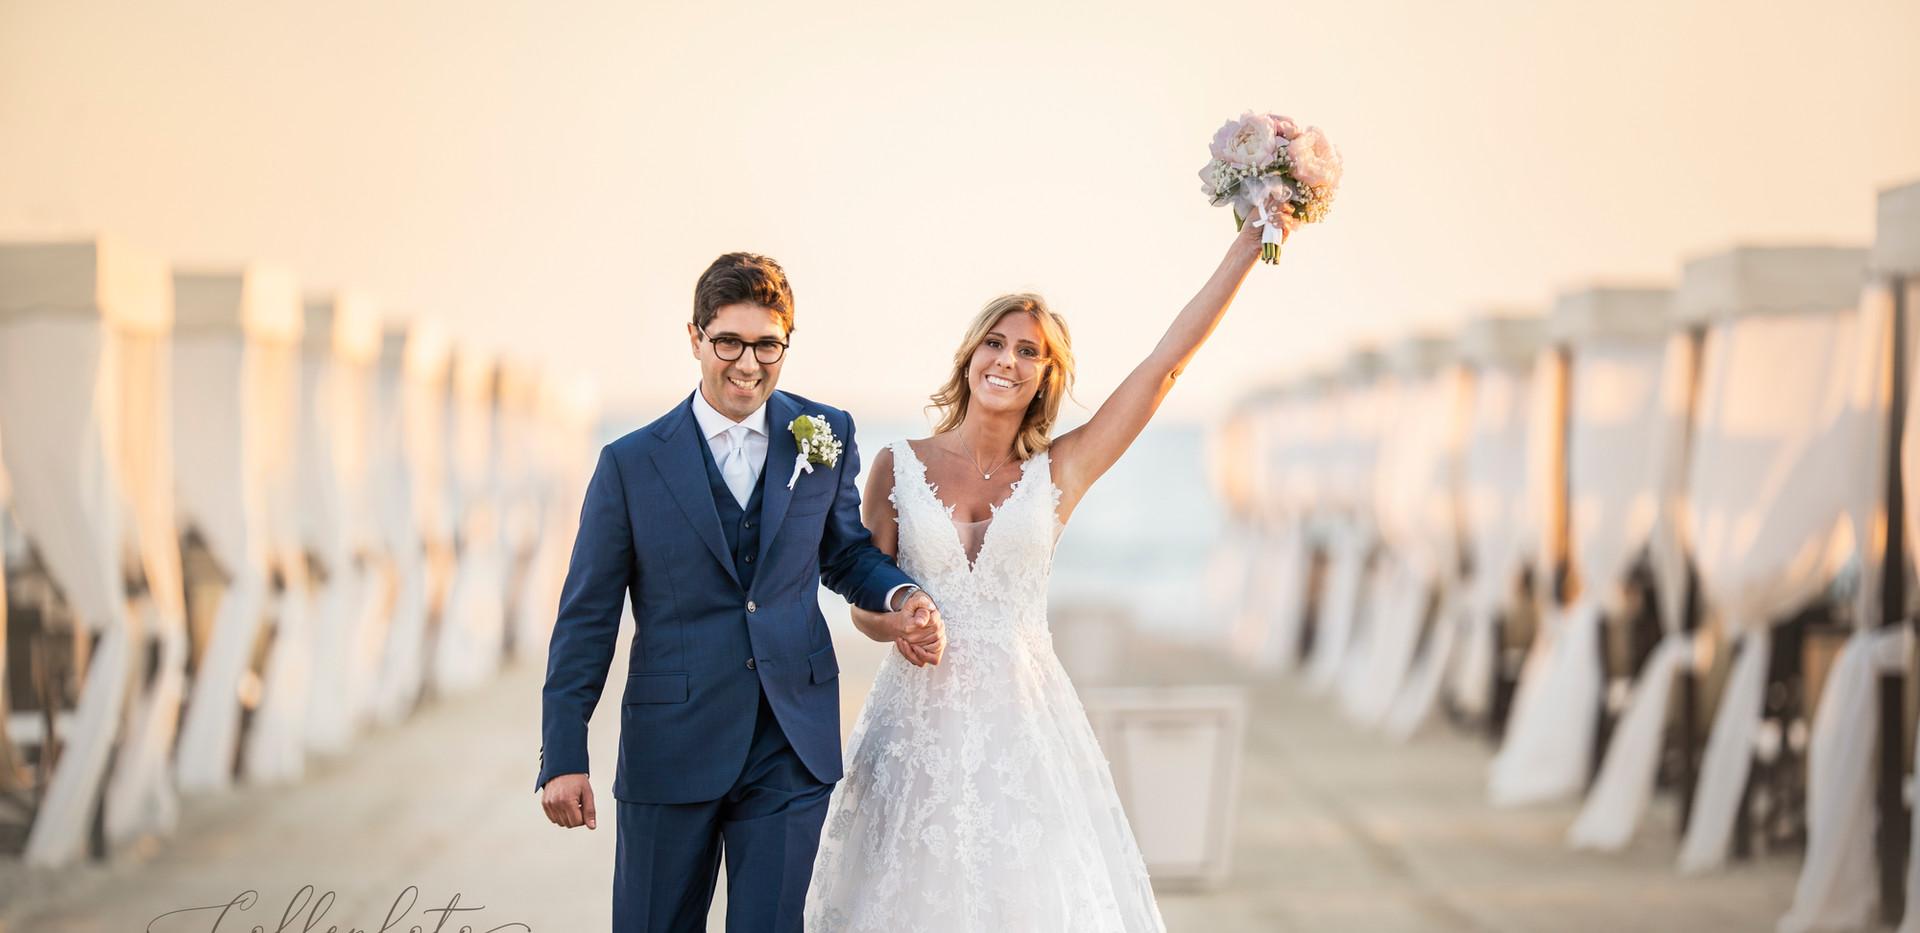 Matrimonio_franco_mare 0019.jpg